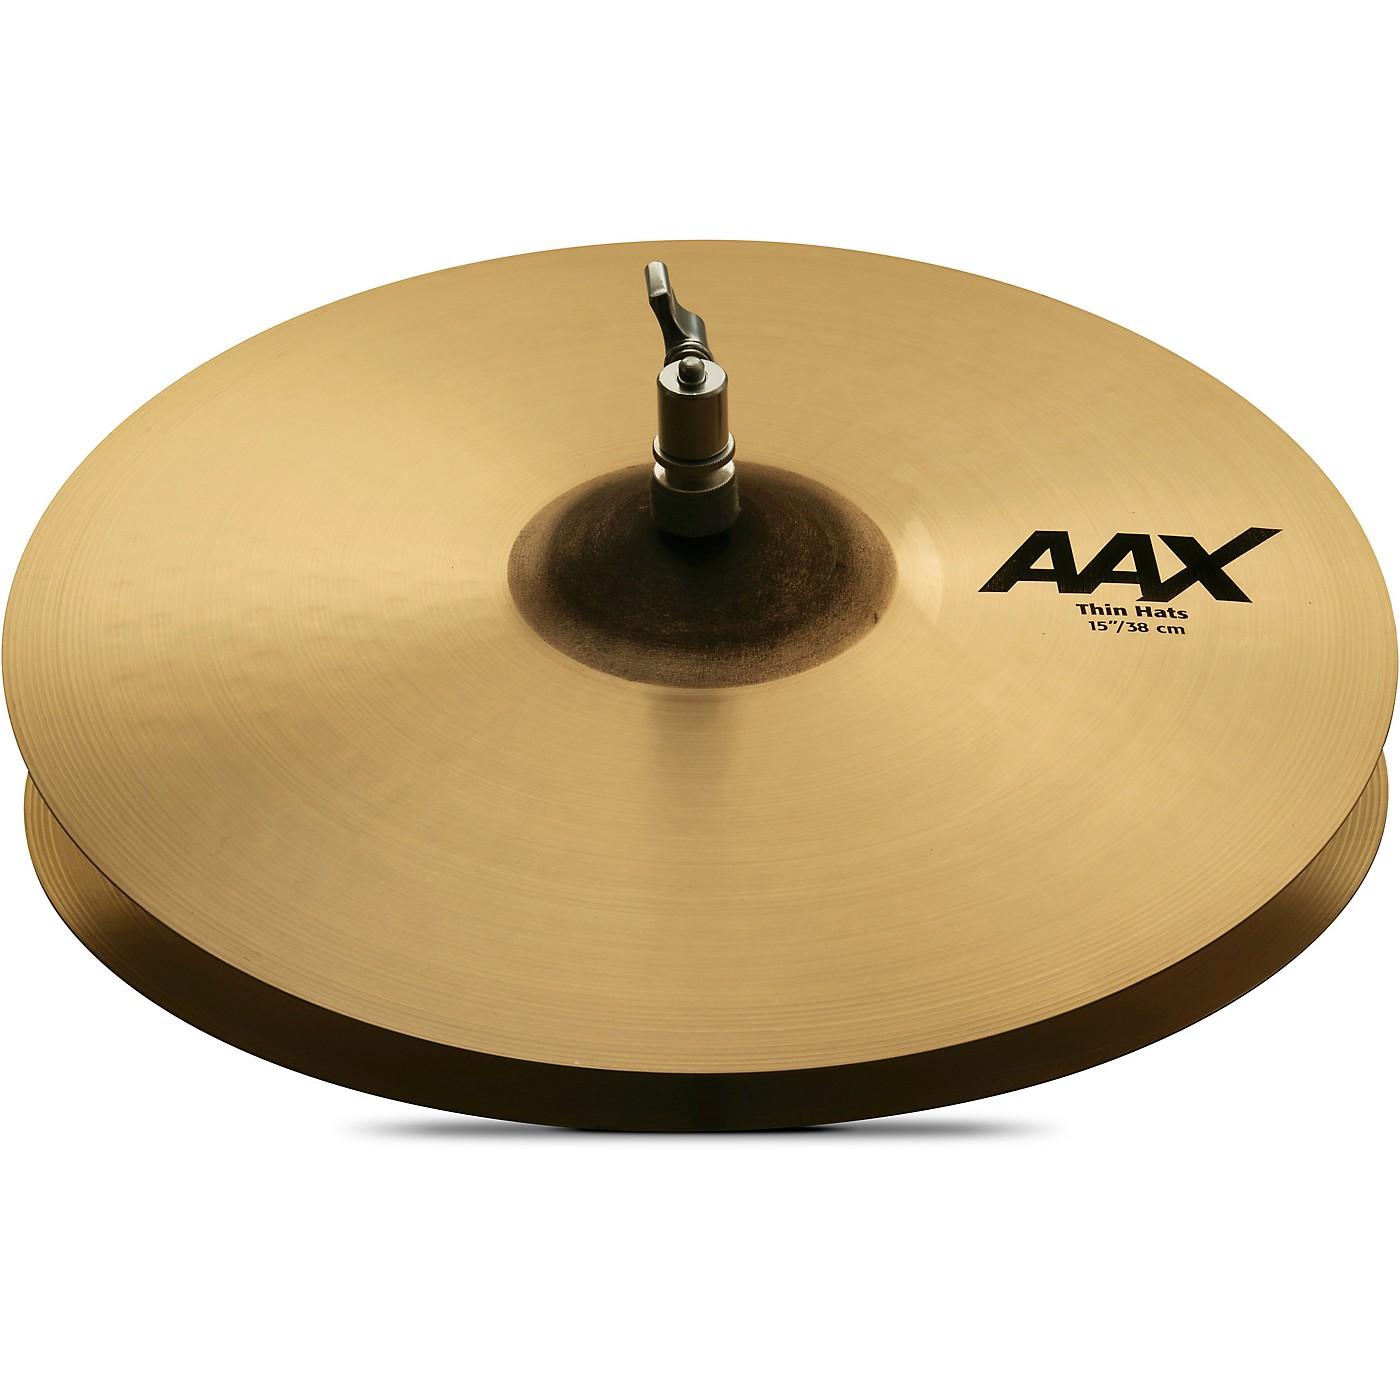 Sabian AAX Thin Hats thumbnail